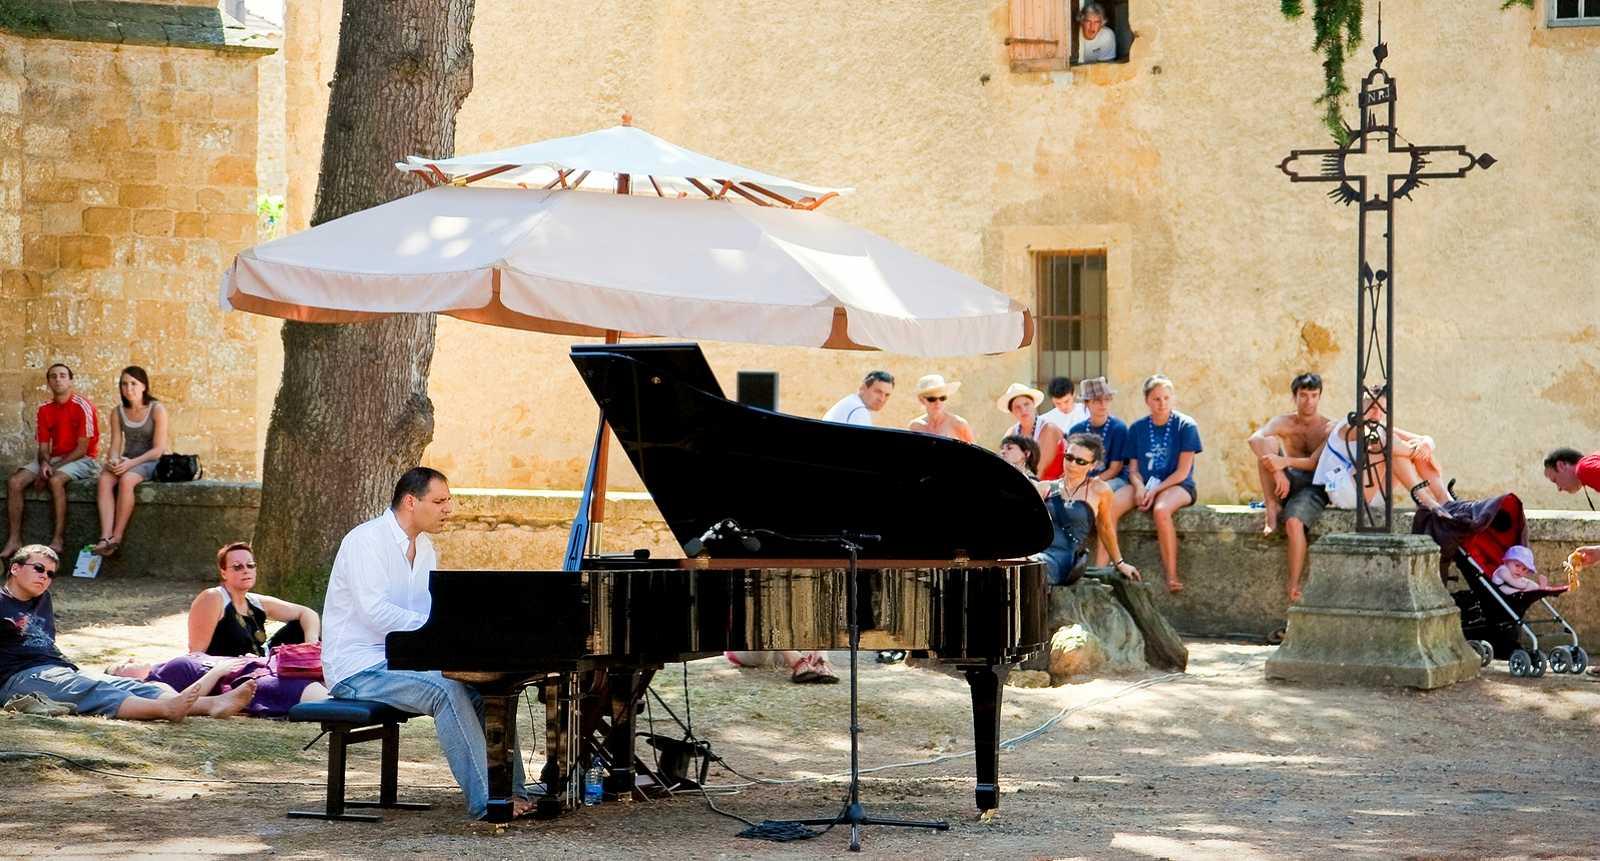 Festival Jazz in Marciac dans le Jardin de l'église